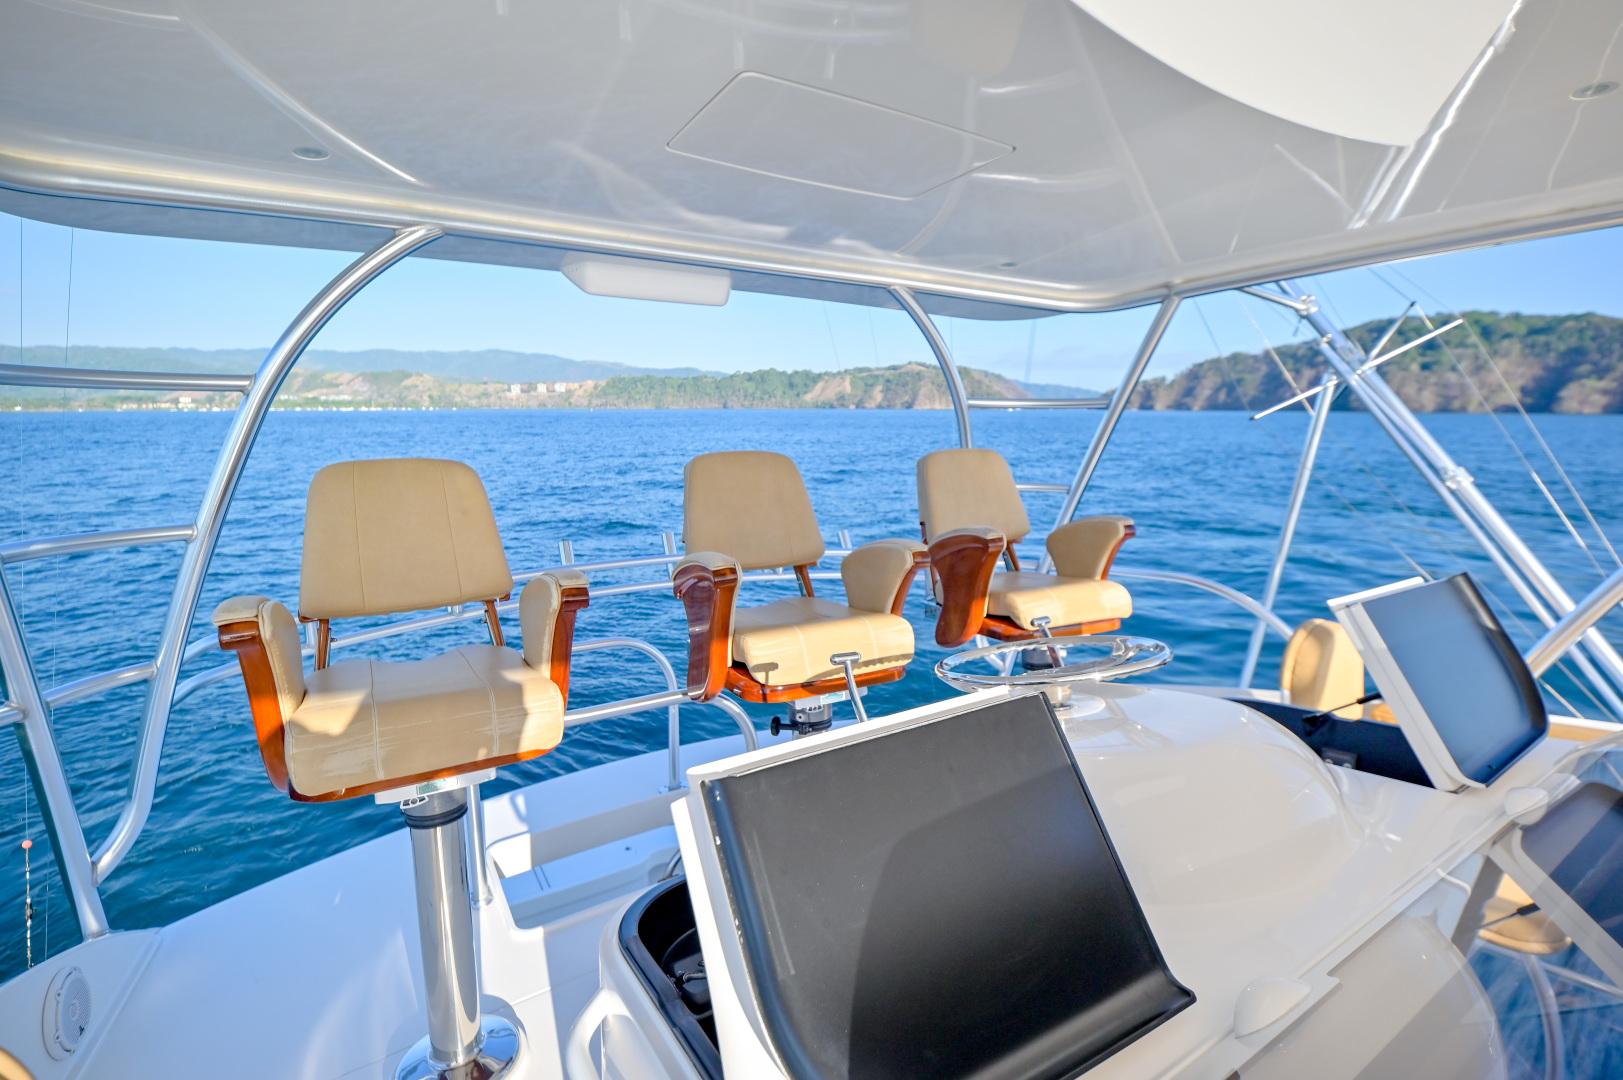 Viking-62 Convertible 2014-Mixer Playa Herradura, Los Suenos,-Costa Rica-2014 Viking 62 Convertible  Helm Chairs-1356227 | Thumbnail